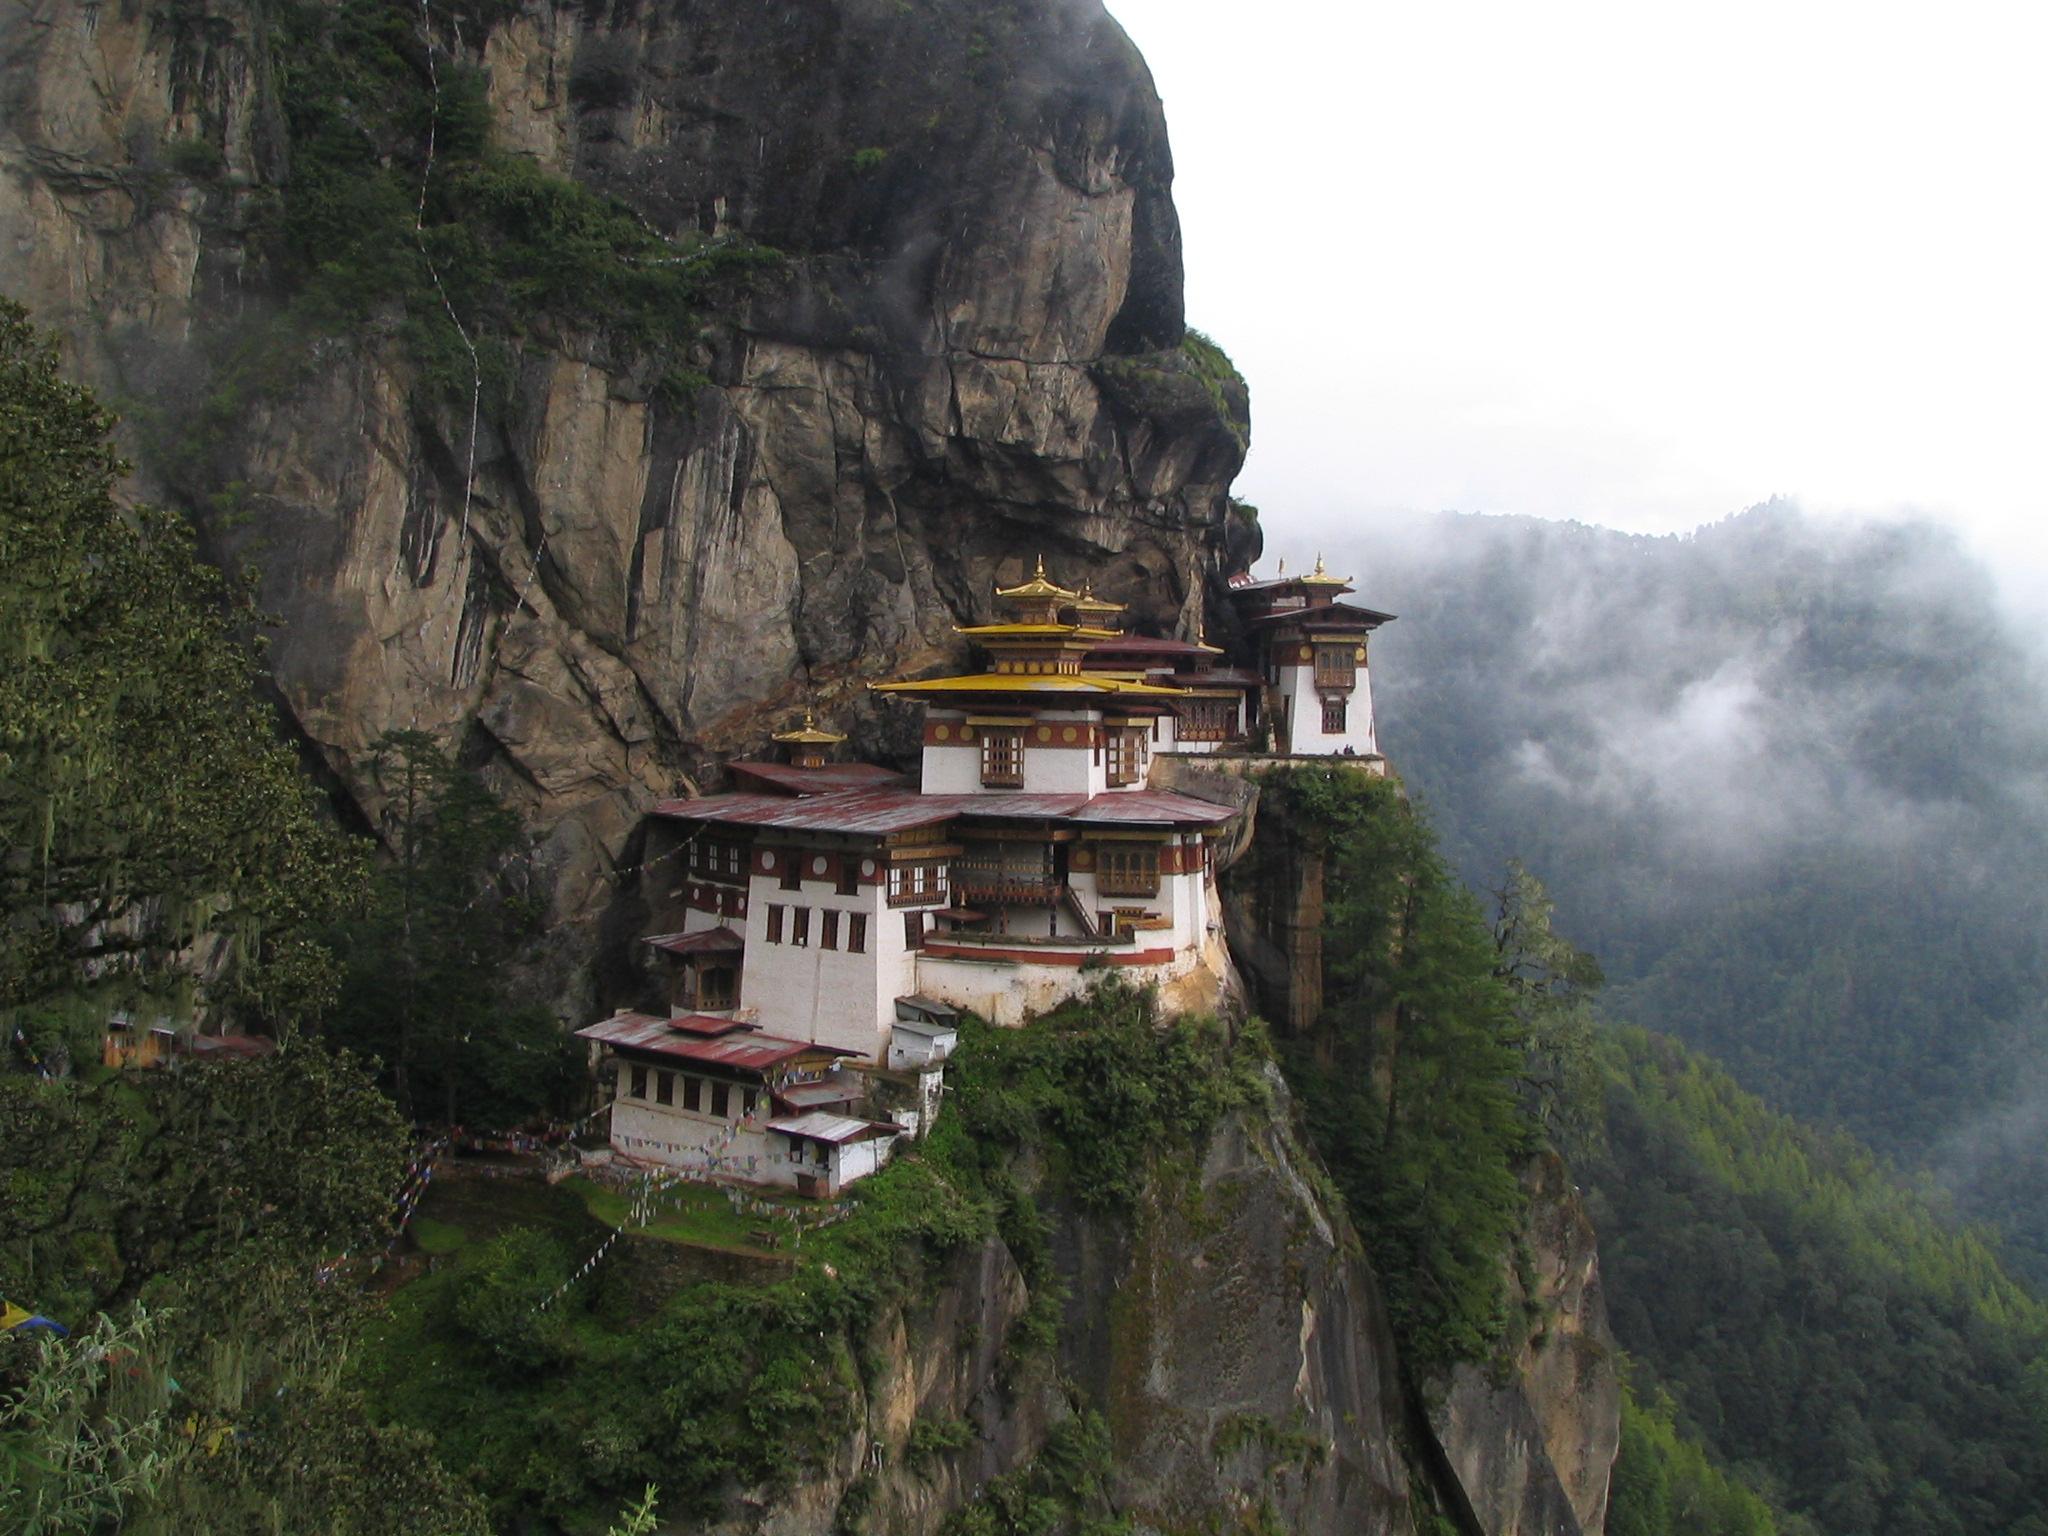 Curva Vasca Da Bagno Wikipedia : Bhutan wikivoyage guida turistica di viaggio